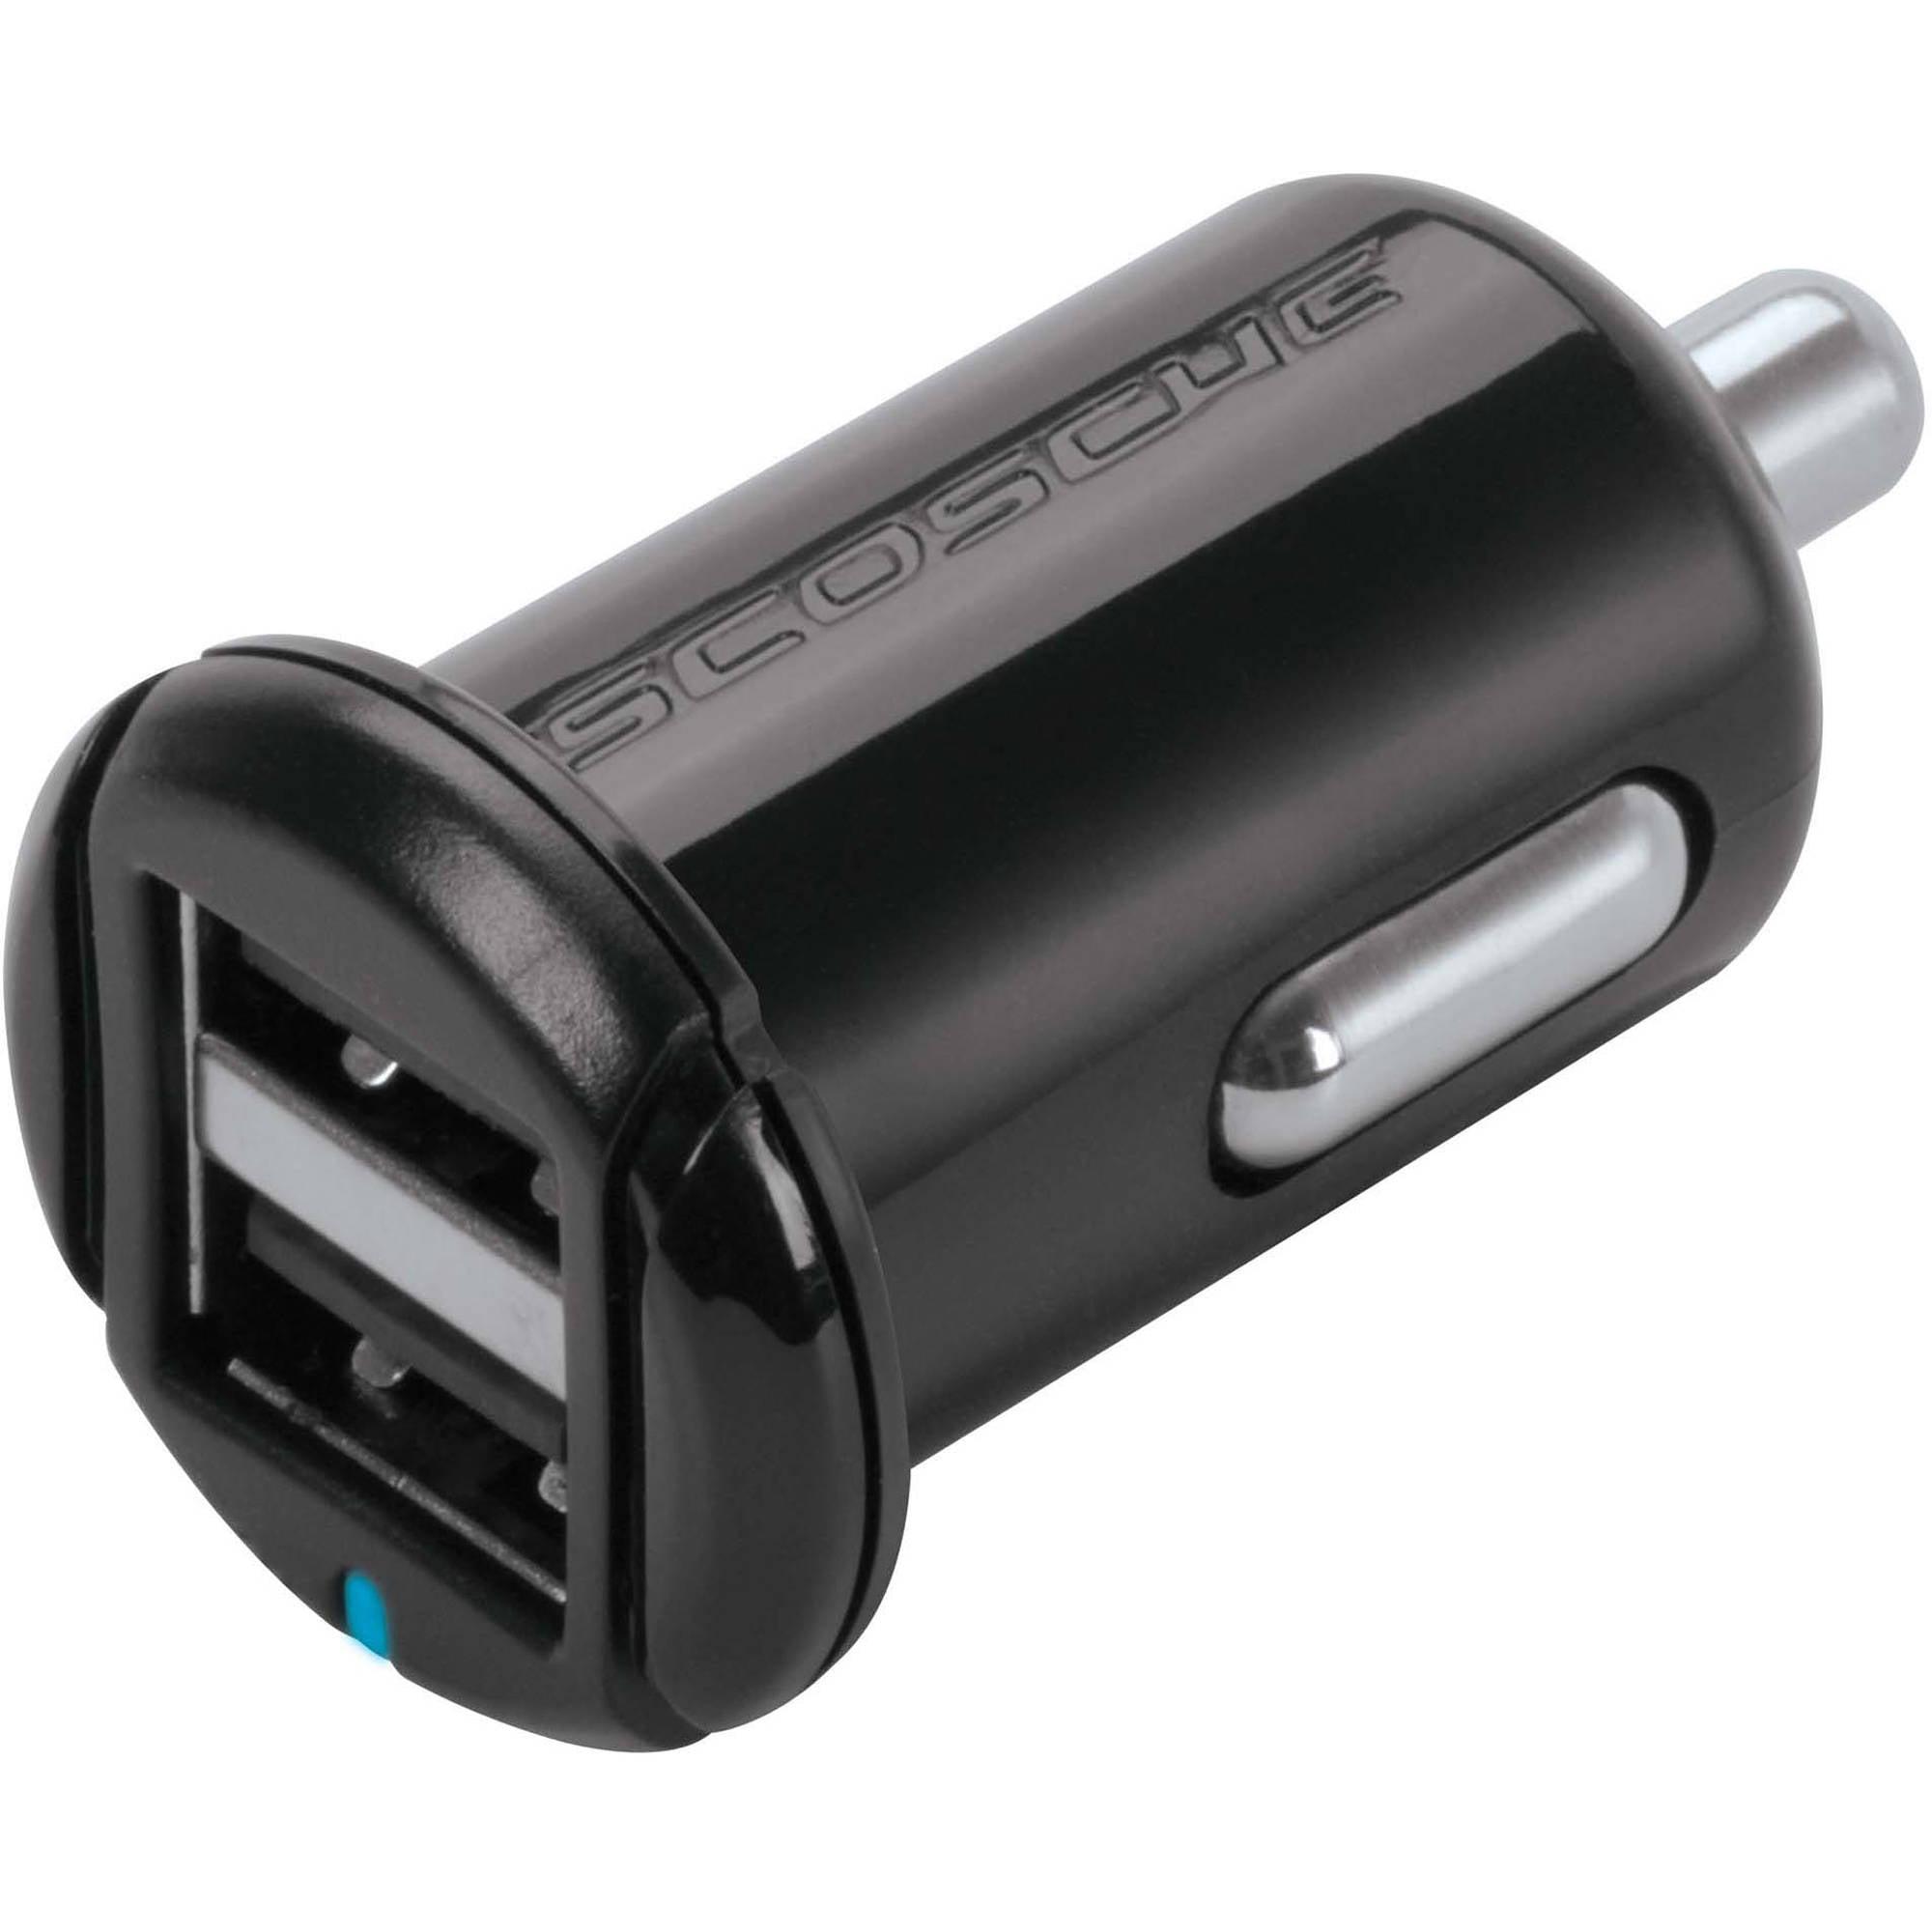 Scosche USBC102M 10W 2-Port miniUSB Charger